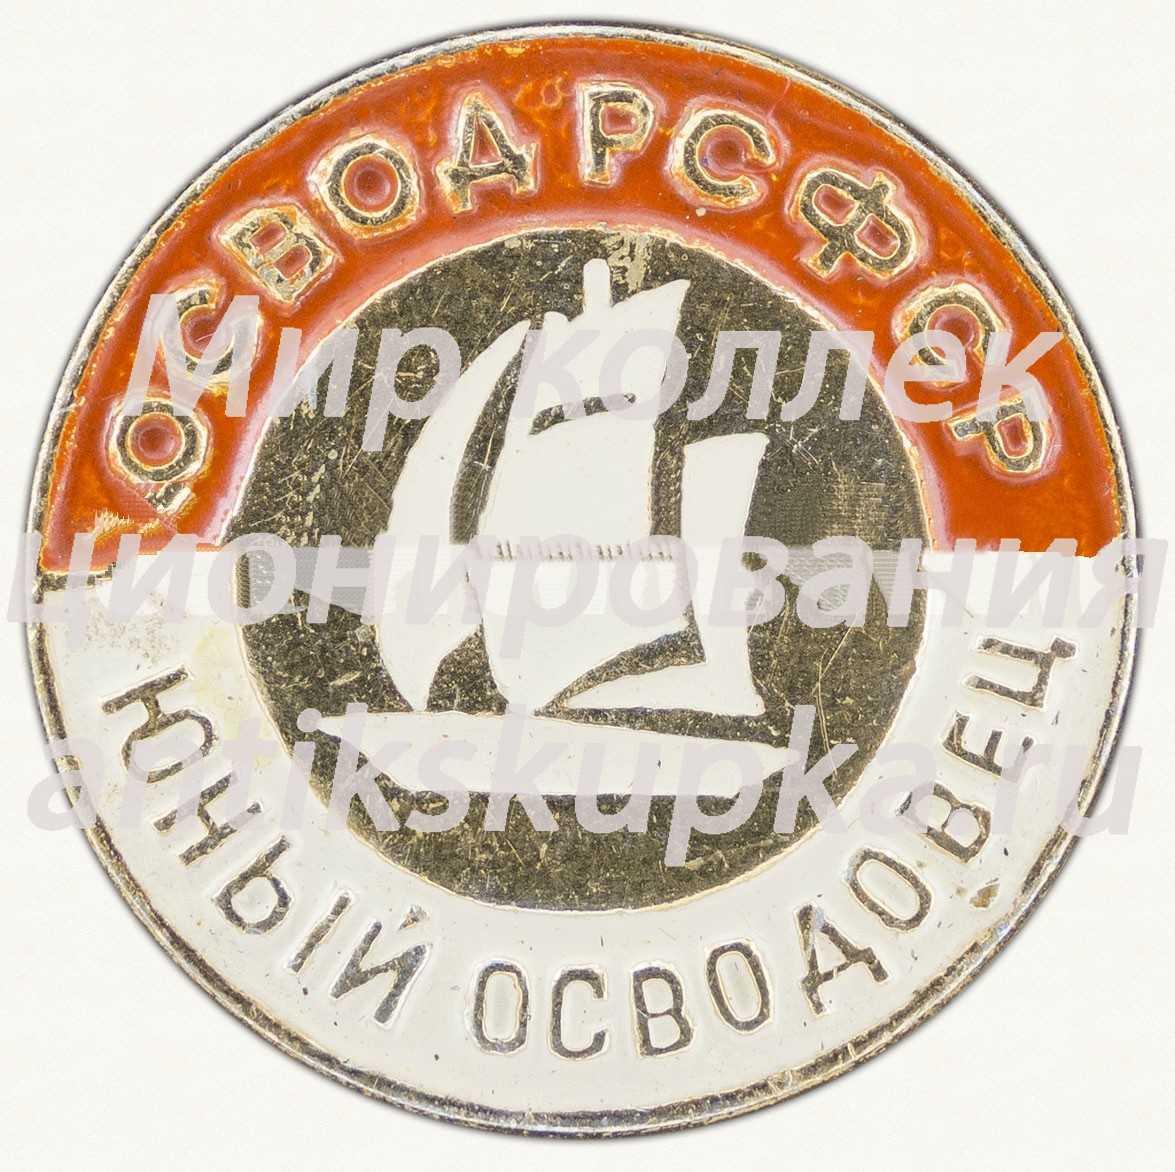 Знак «Юный Осводовец. ОСВОД РСФСР»